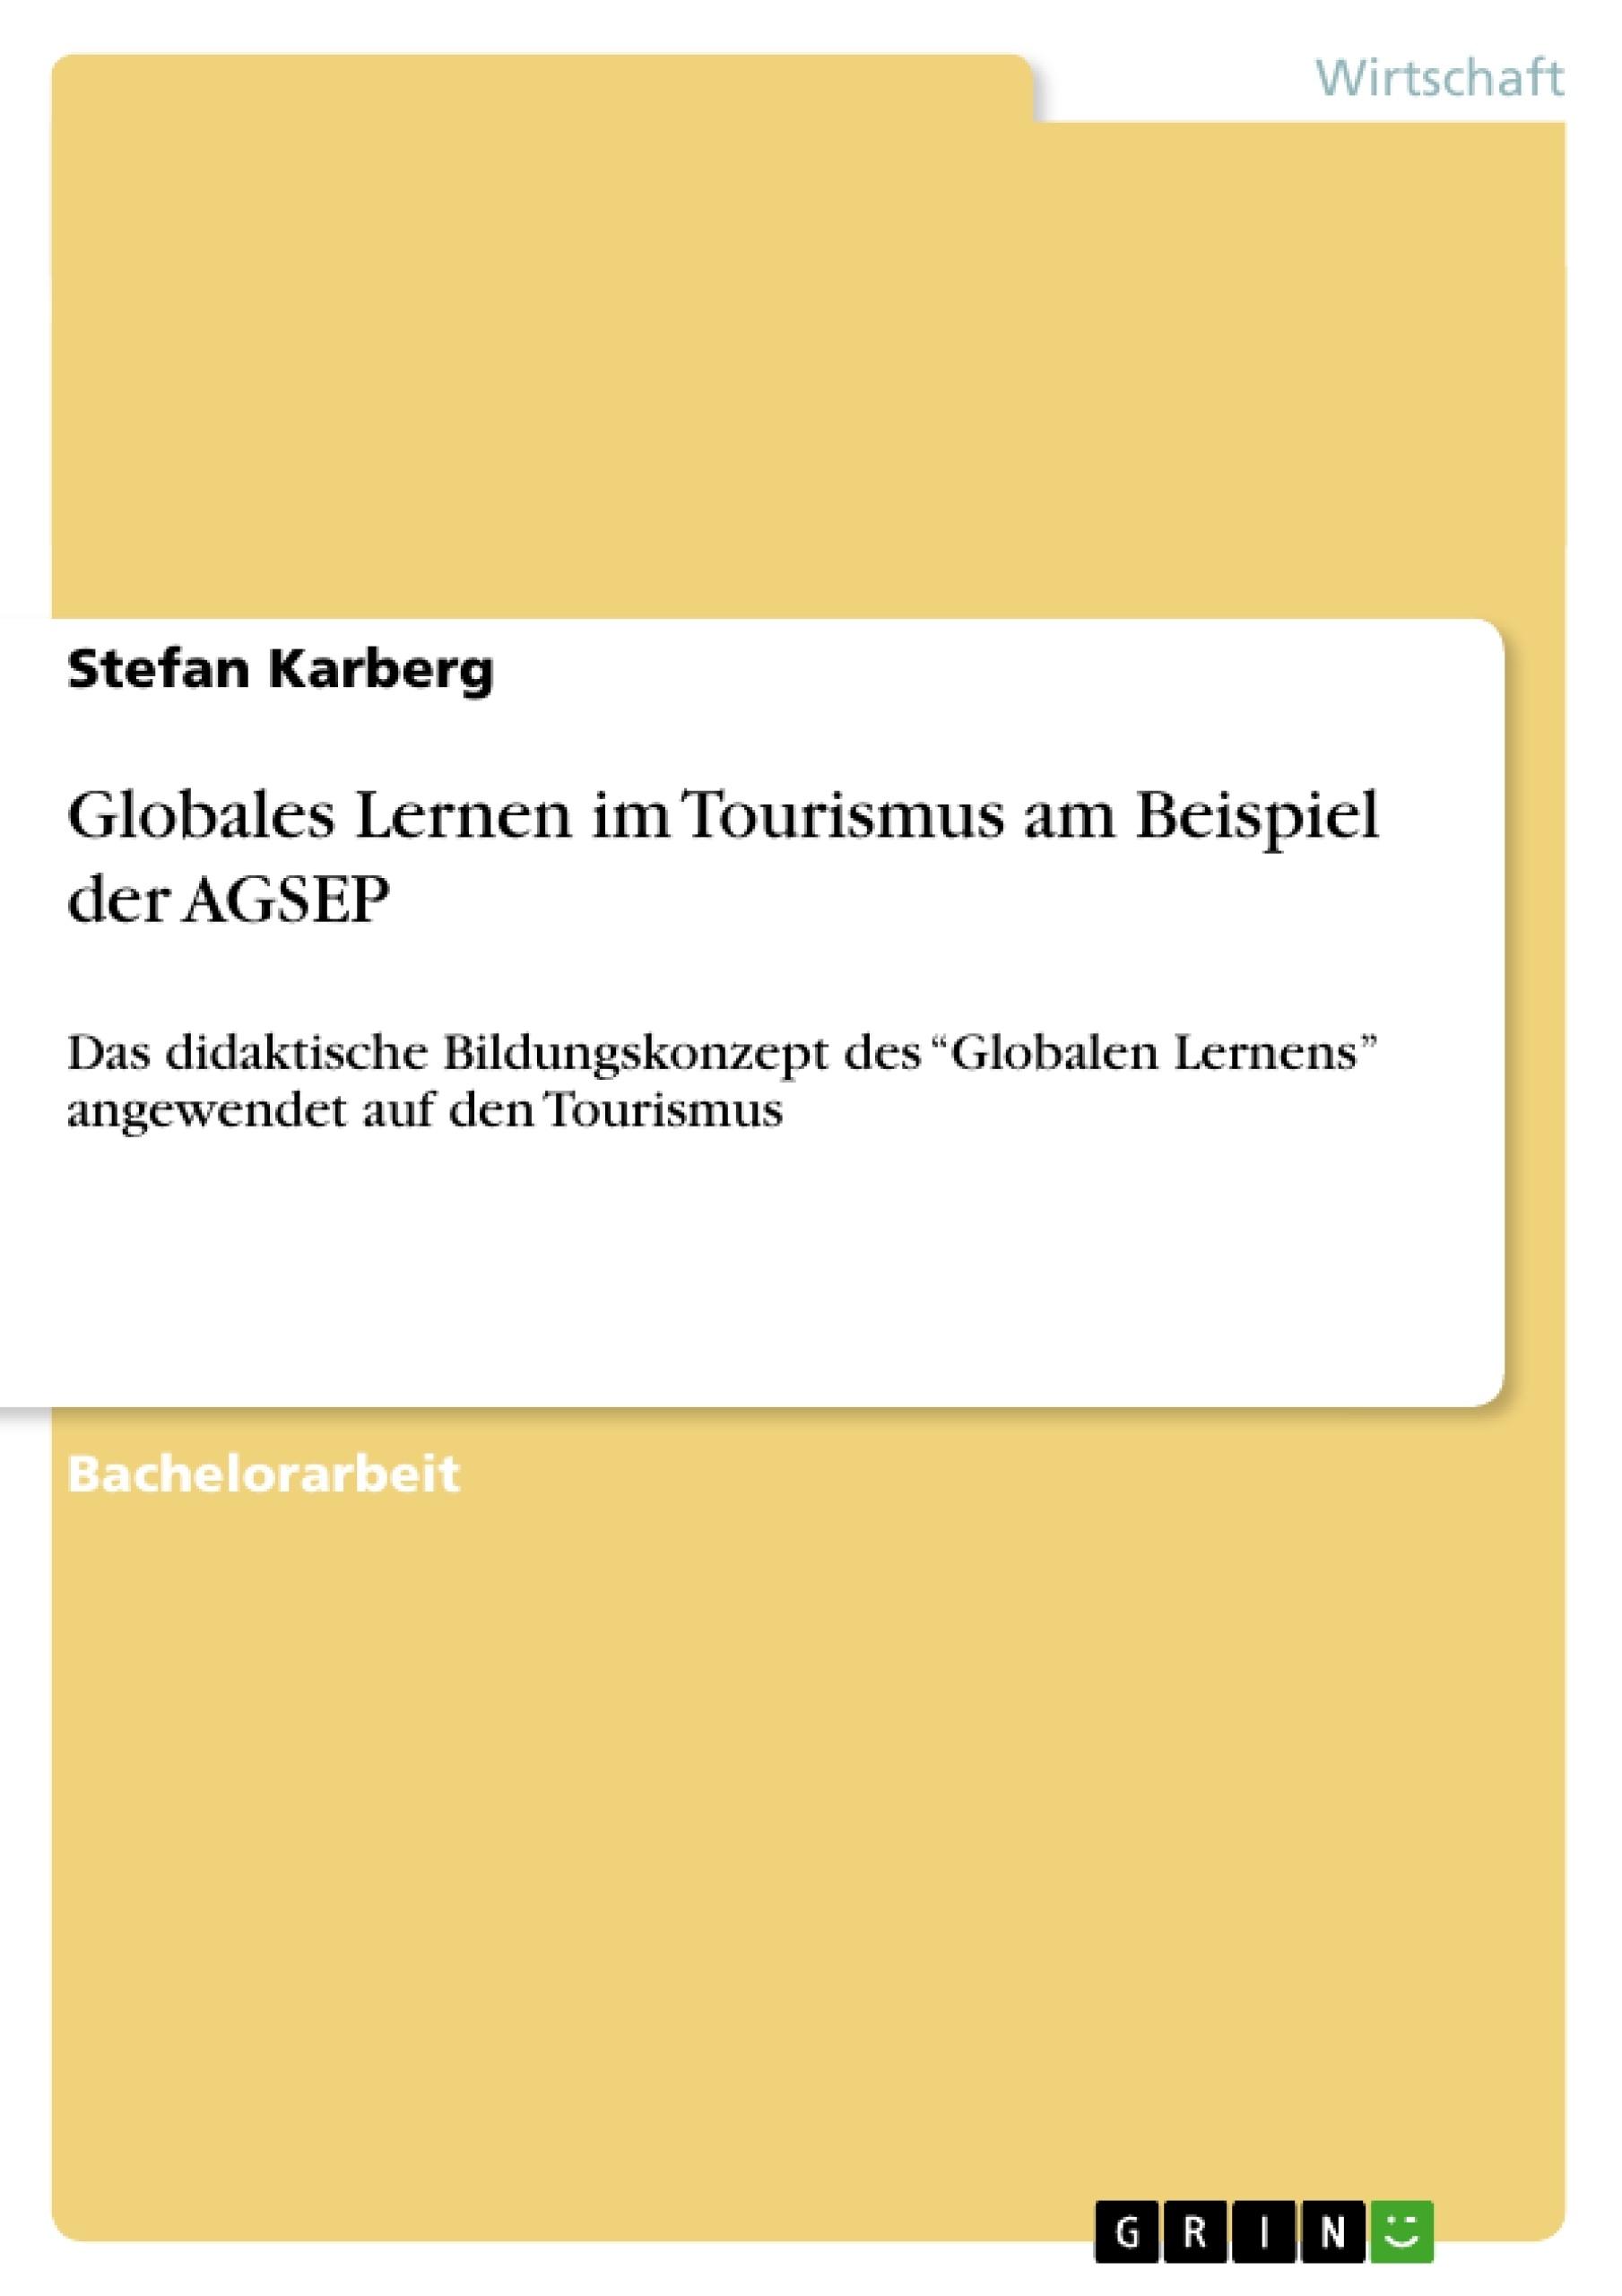 Titel: Globales Lernen im Tourismus am Beispiel der AGSEP